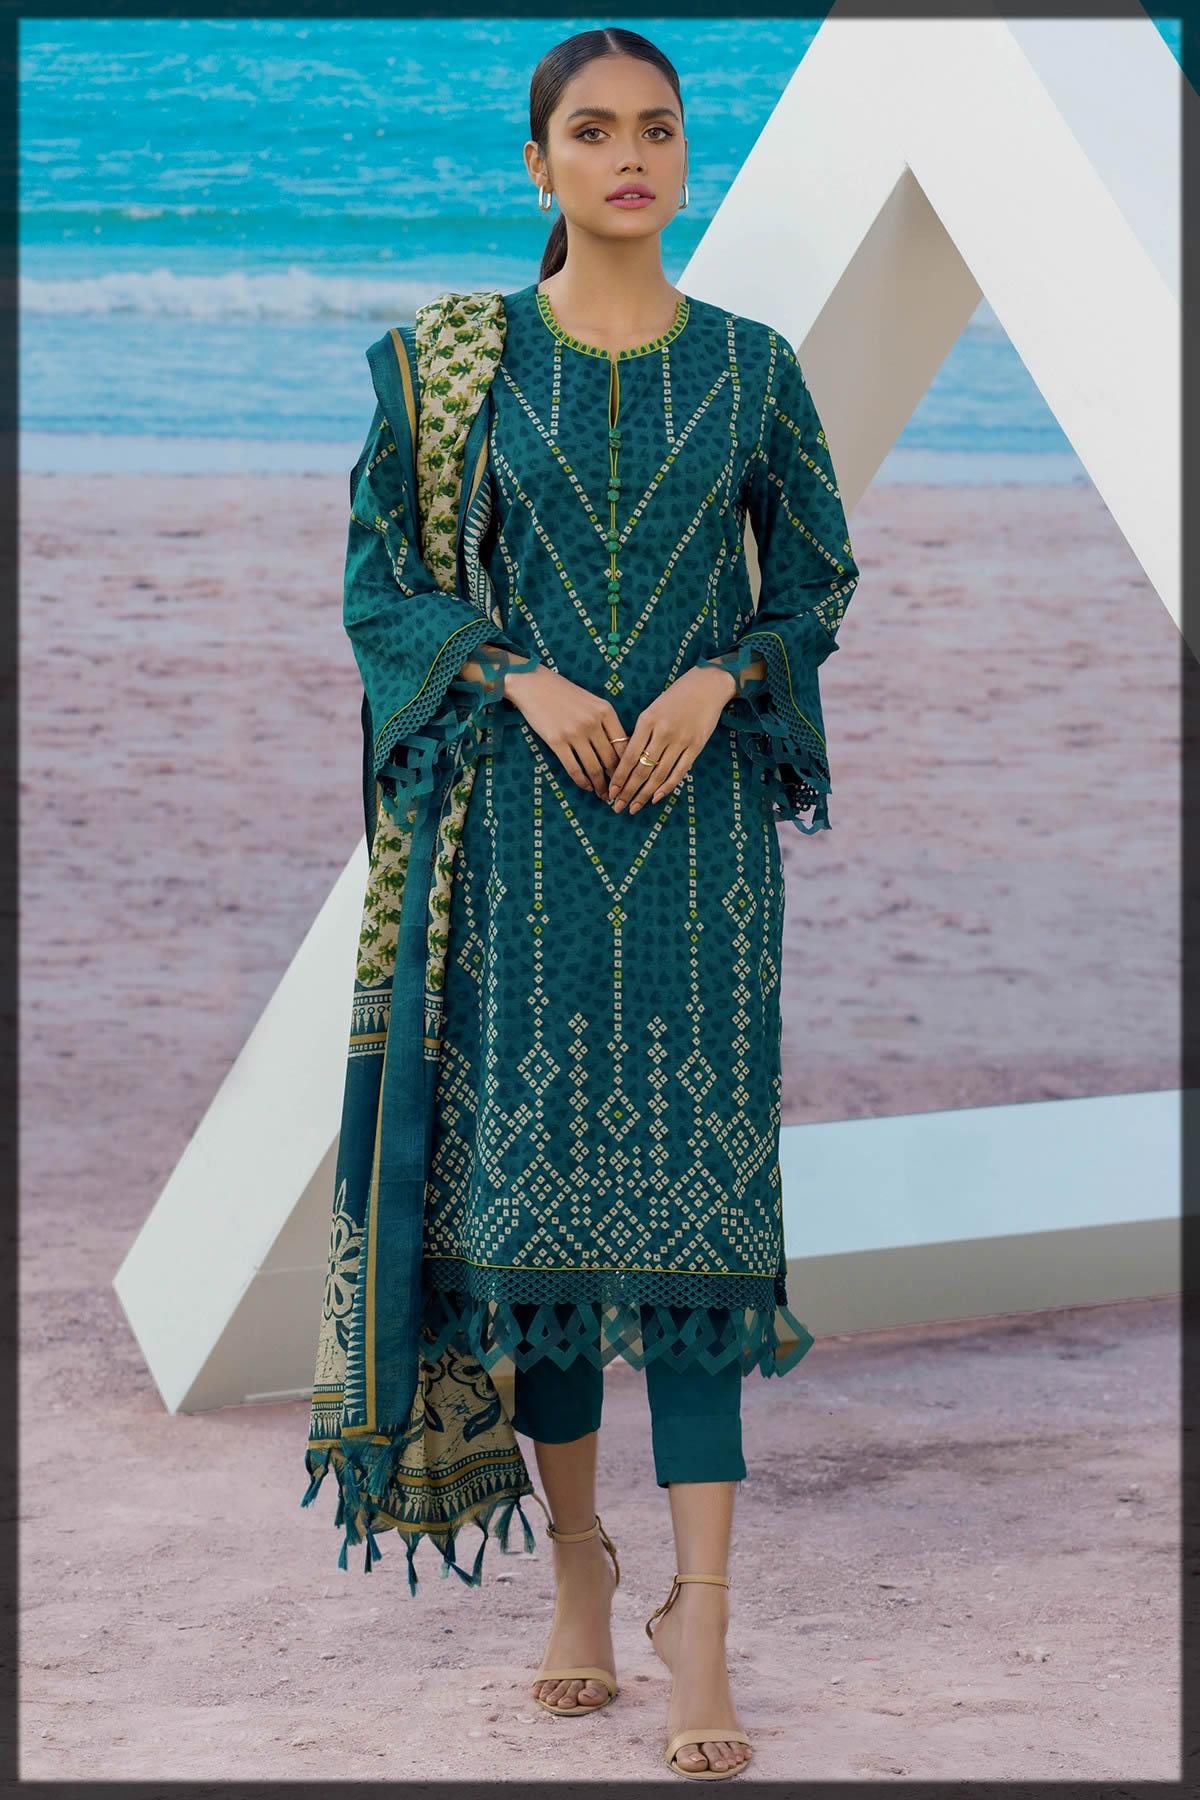 classy summer wear dress by alkaram studio